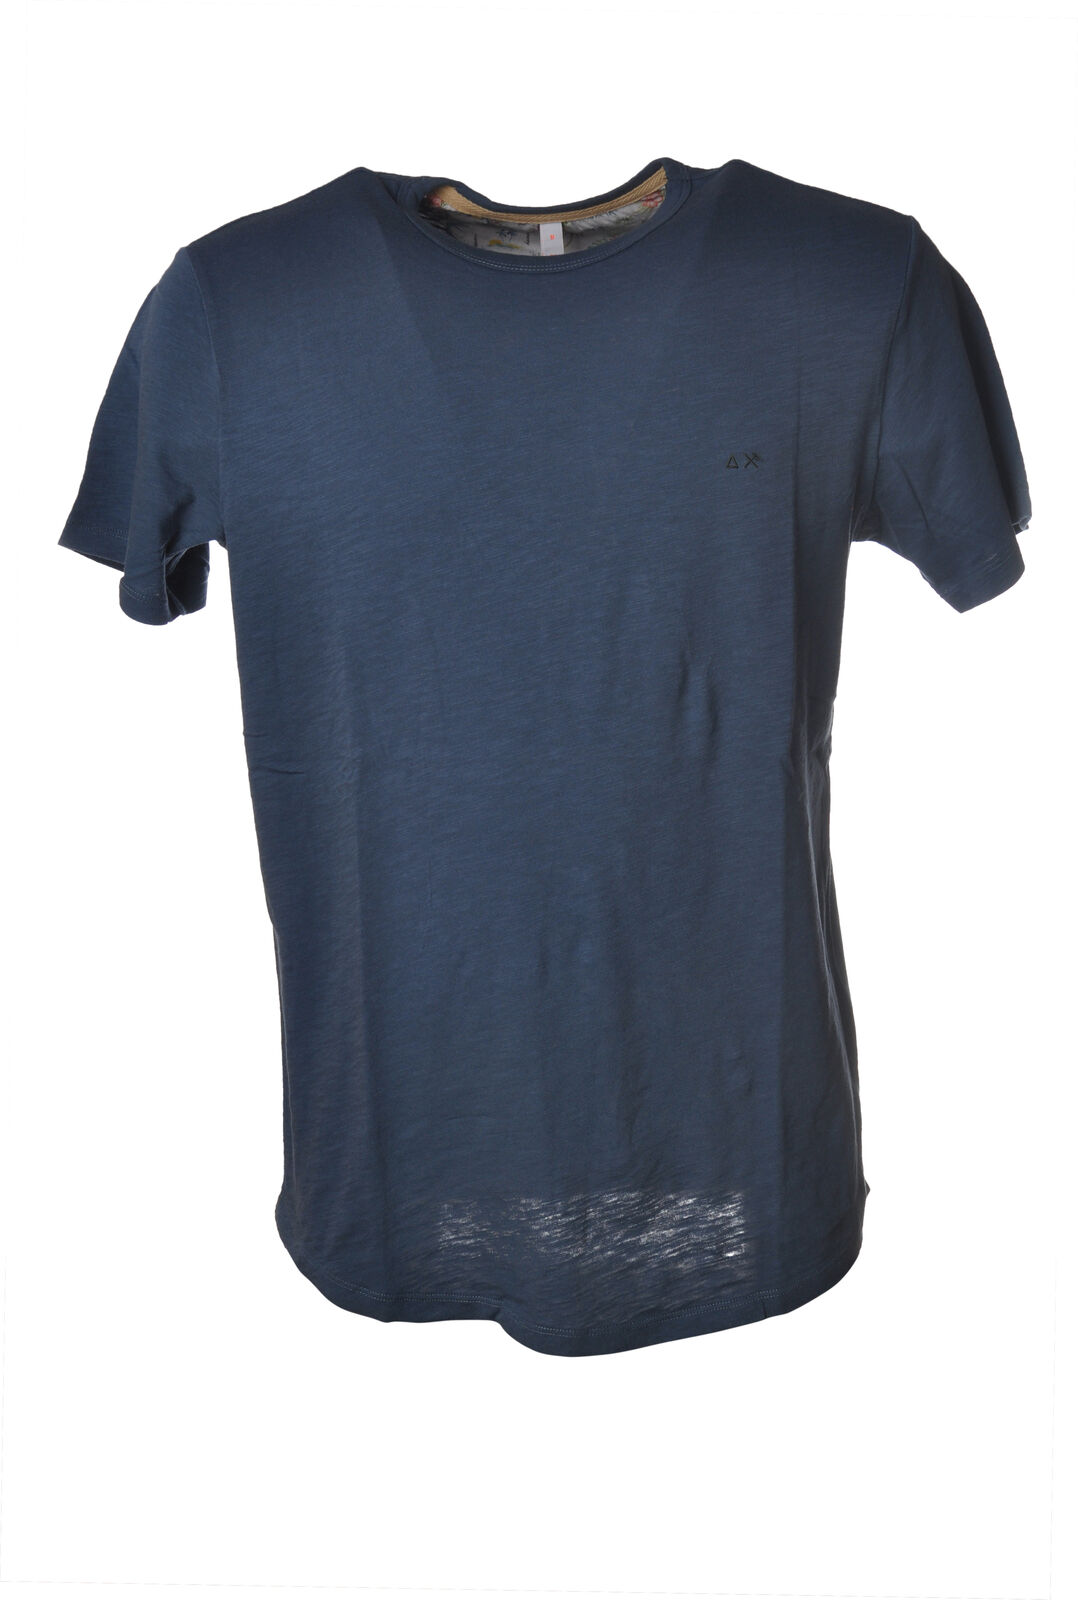 Sun 68 - Topwear-T-shirts - Man - Blau - 6096903E191203